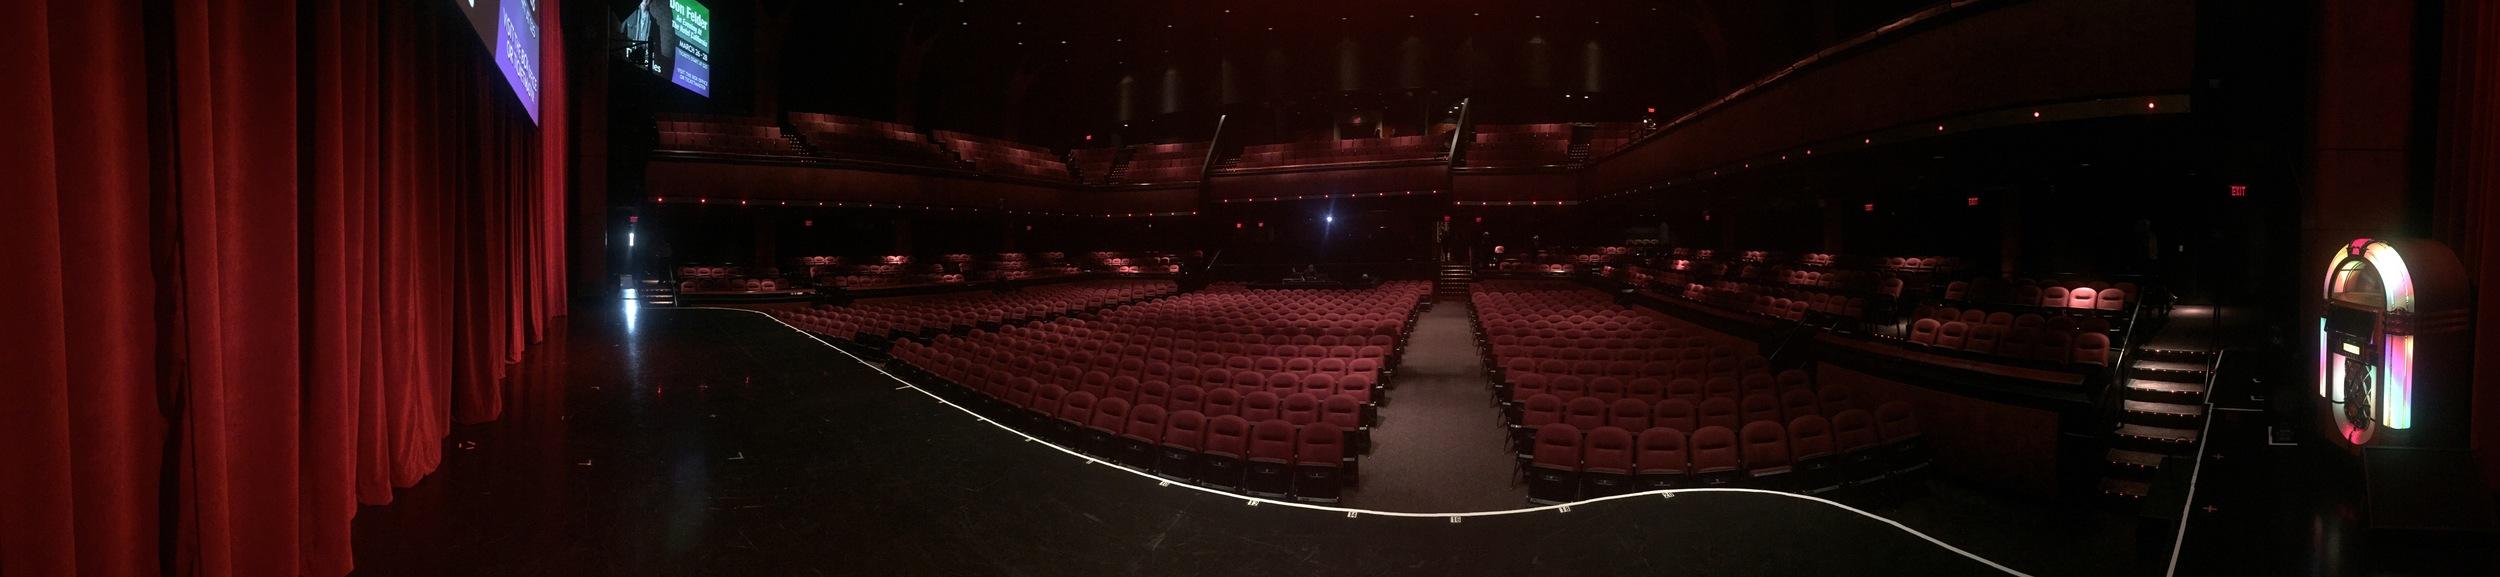 Avalon Theater in Canada